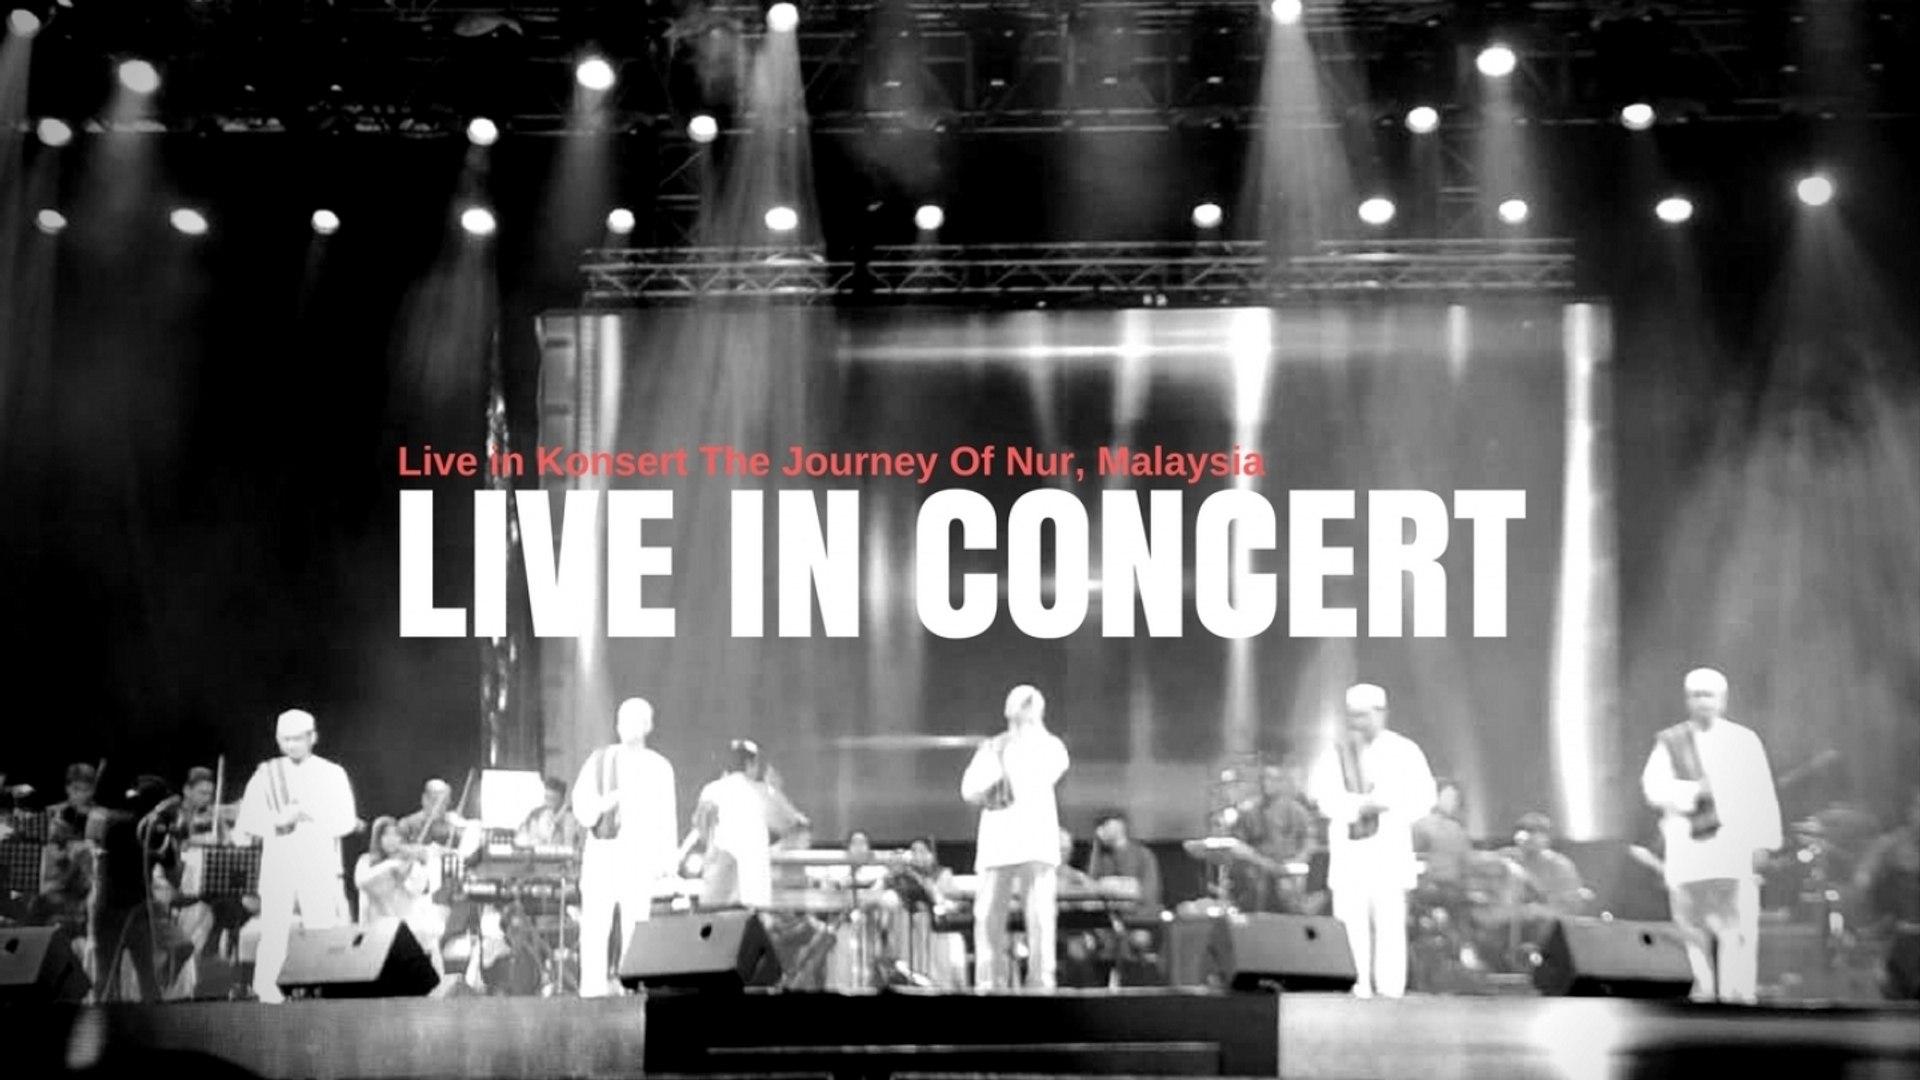 Inteam - Mulakan Hari Ini (Live in Concert)